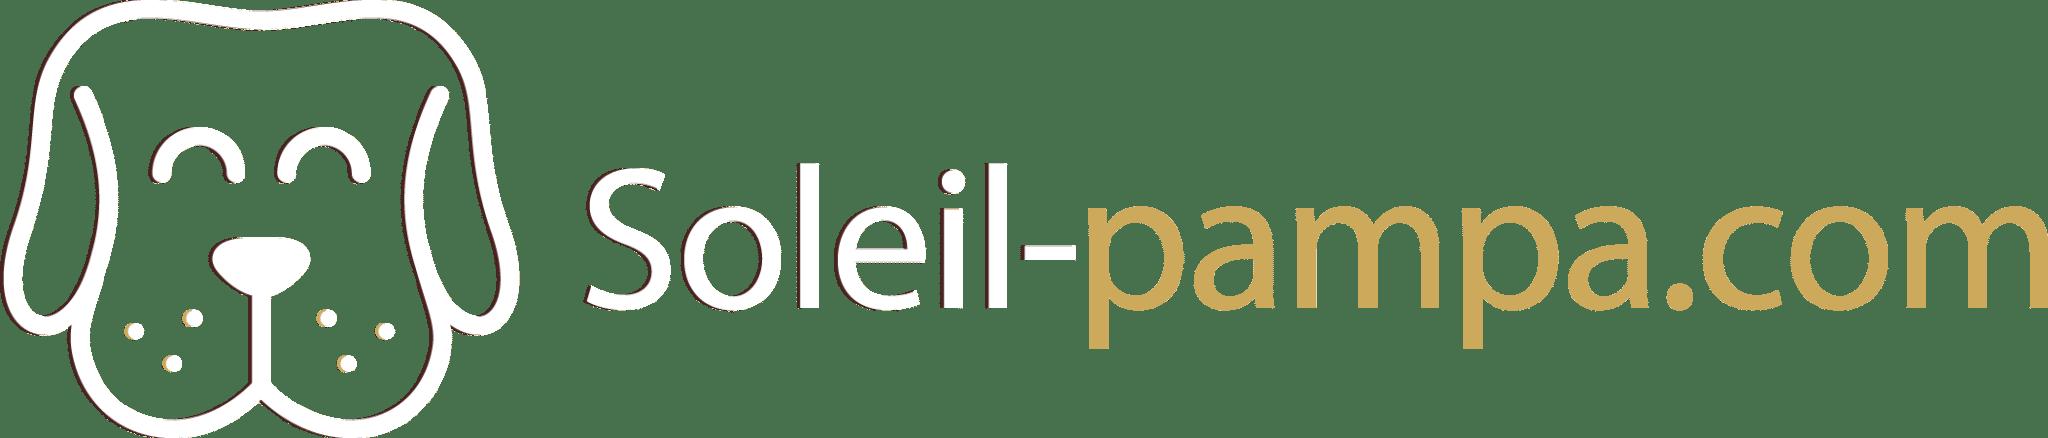 Logo for Soleil-pampa.com